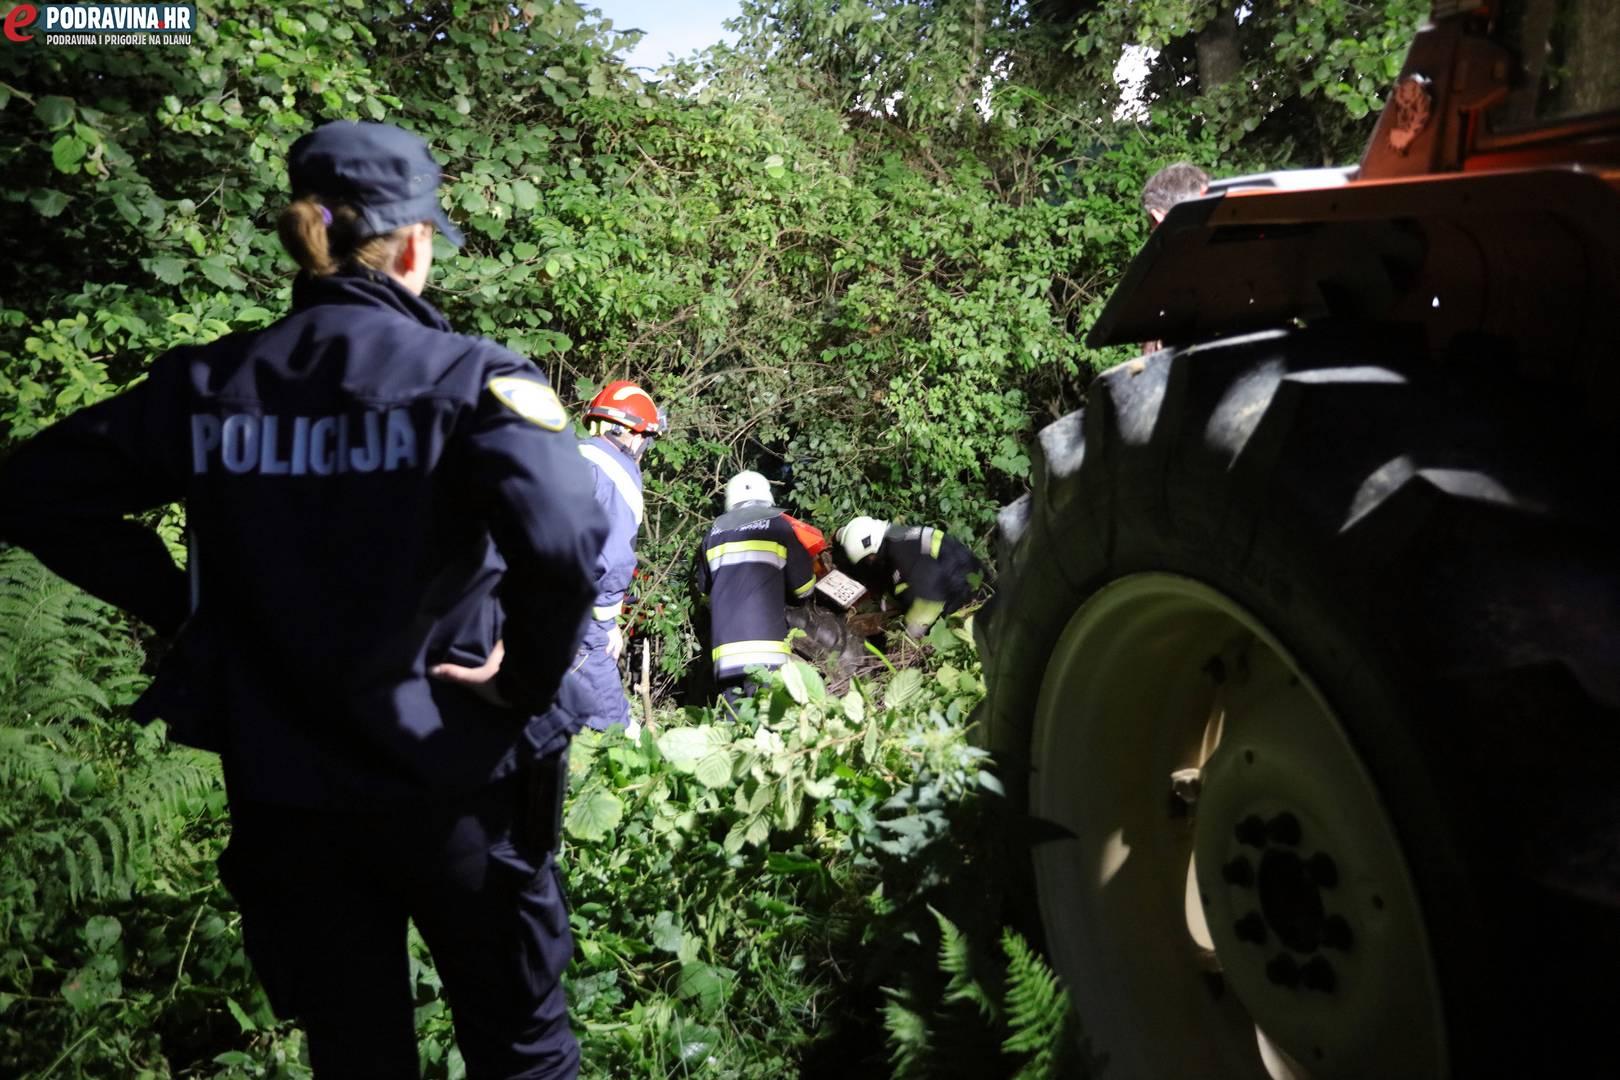 Poginuli traktorist